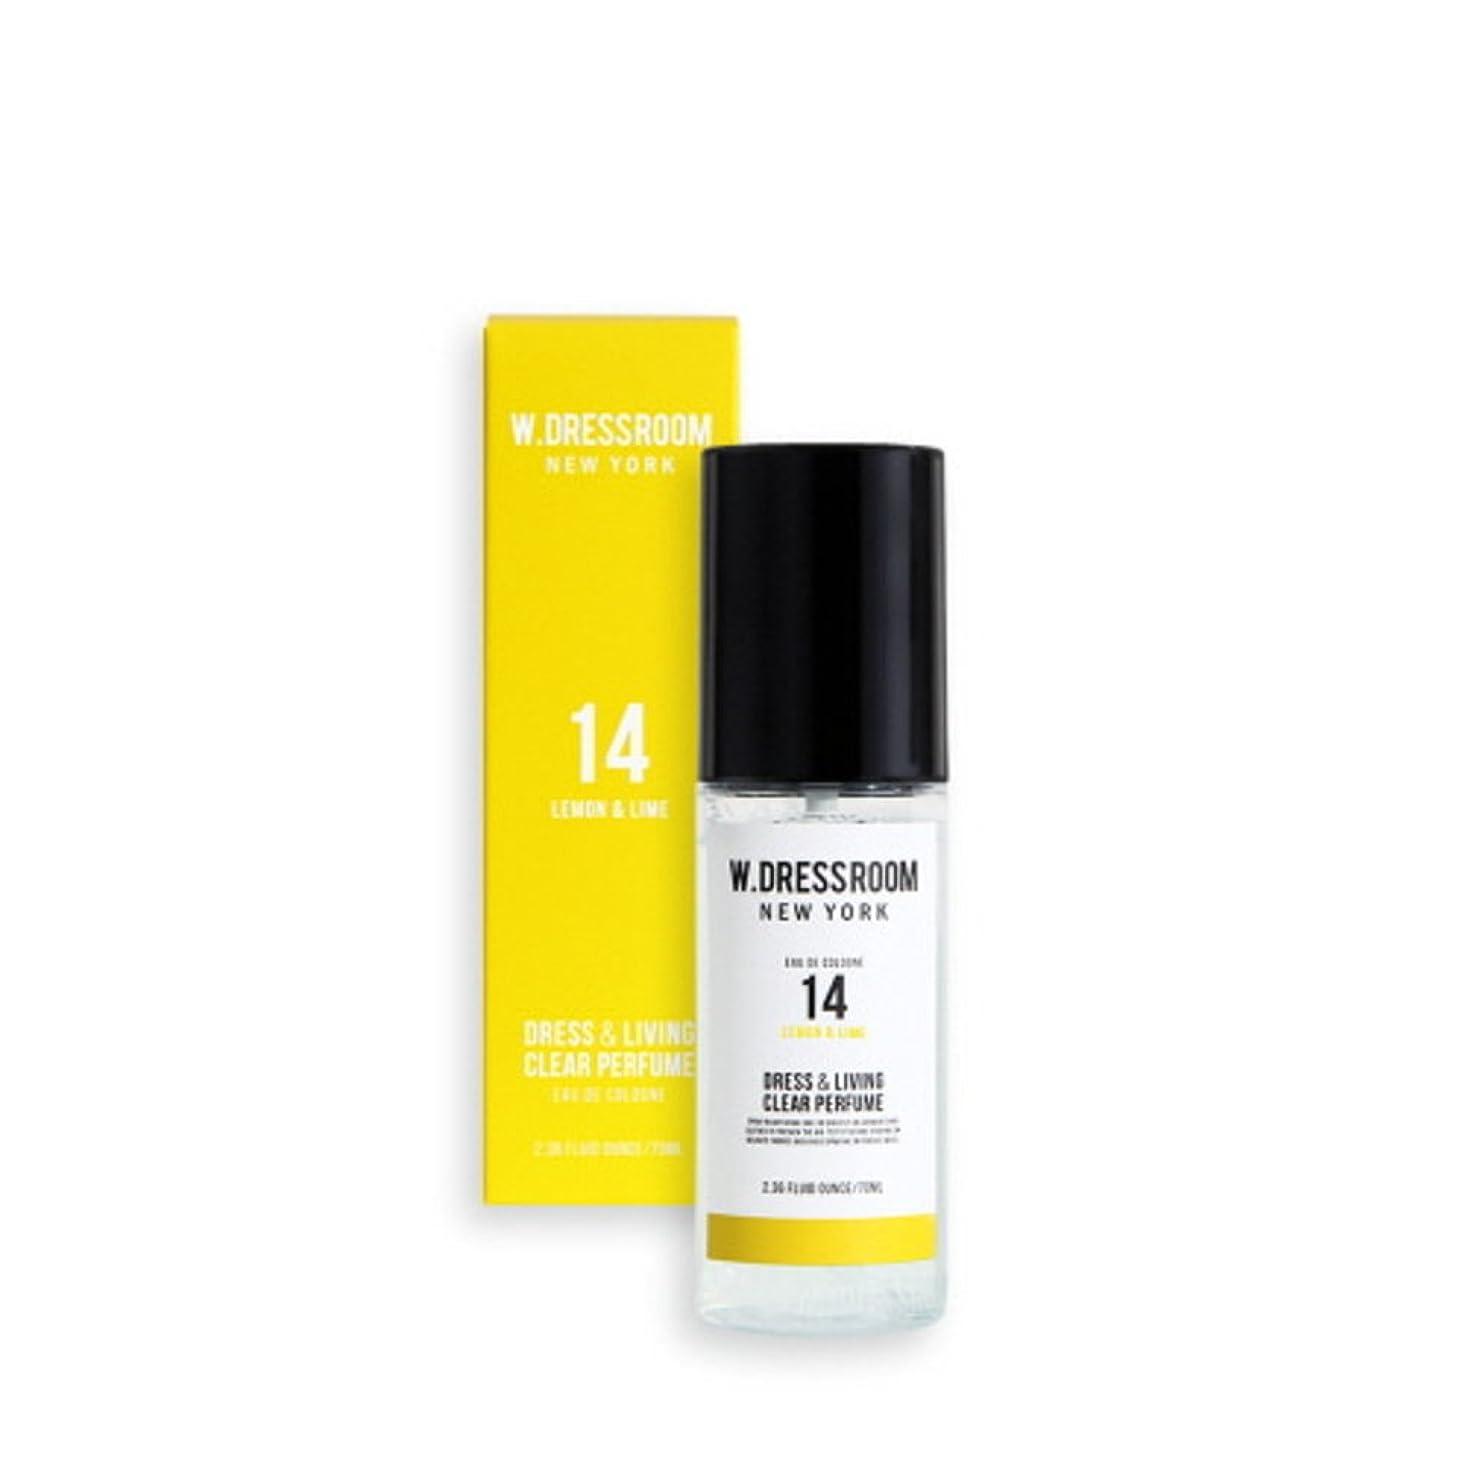 構成員実行可能ワーカーW.DRESSROOM Dress & Living Clear Perfume fragrance 70ml (#No.14 Lemon & Lime)/ダブルドレスルーム ドレス&リビング クリア パフューム 70ml (#No.14 Lemon & Lime)